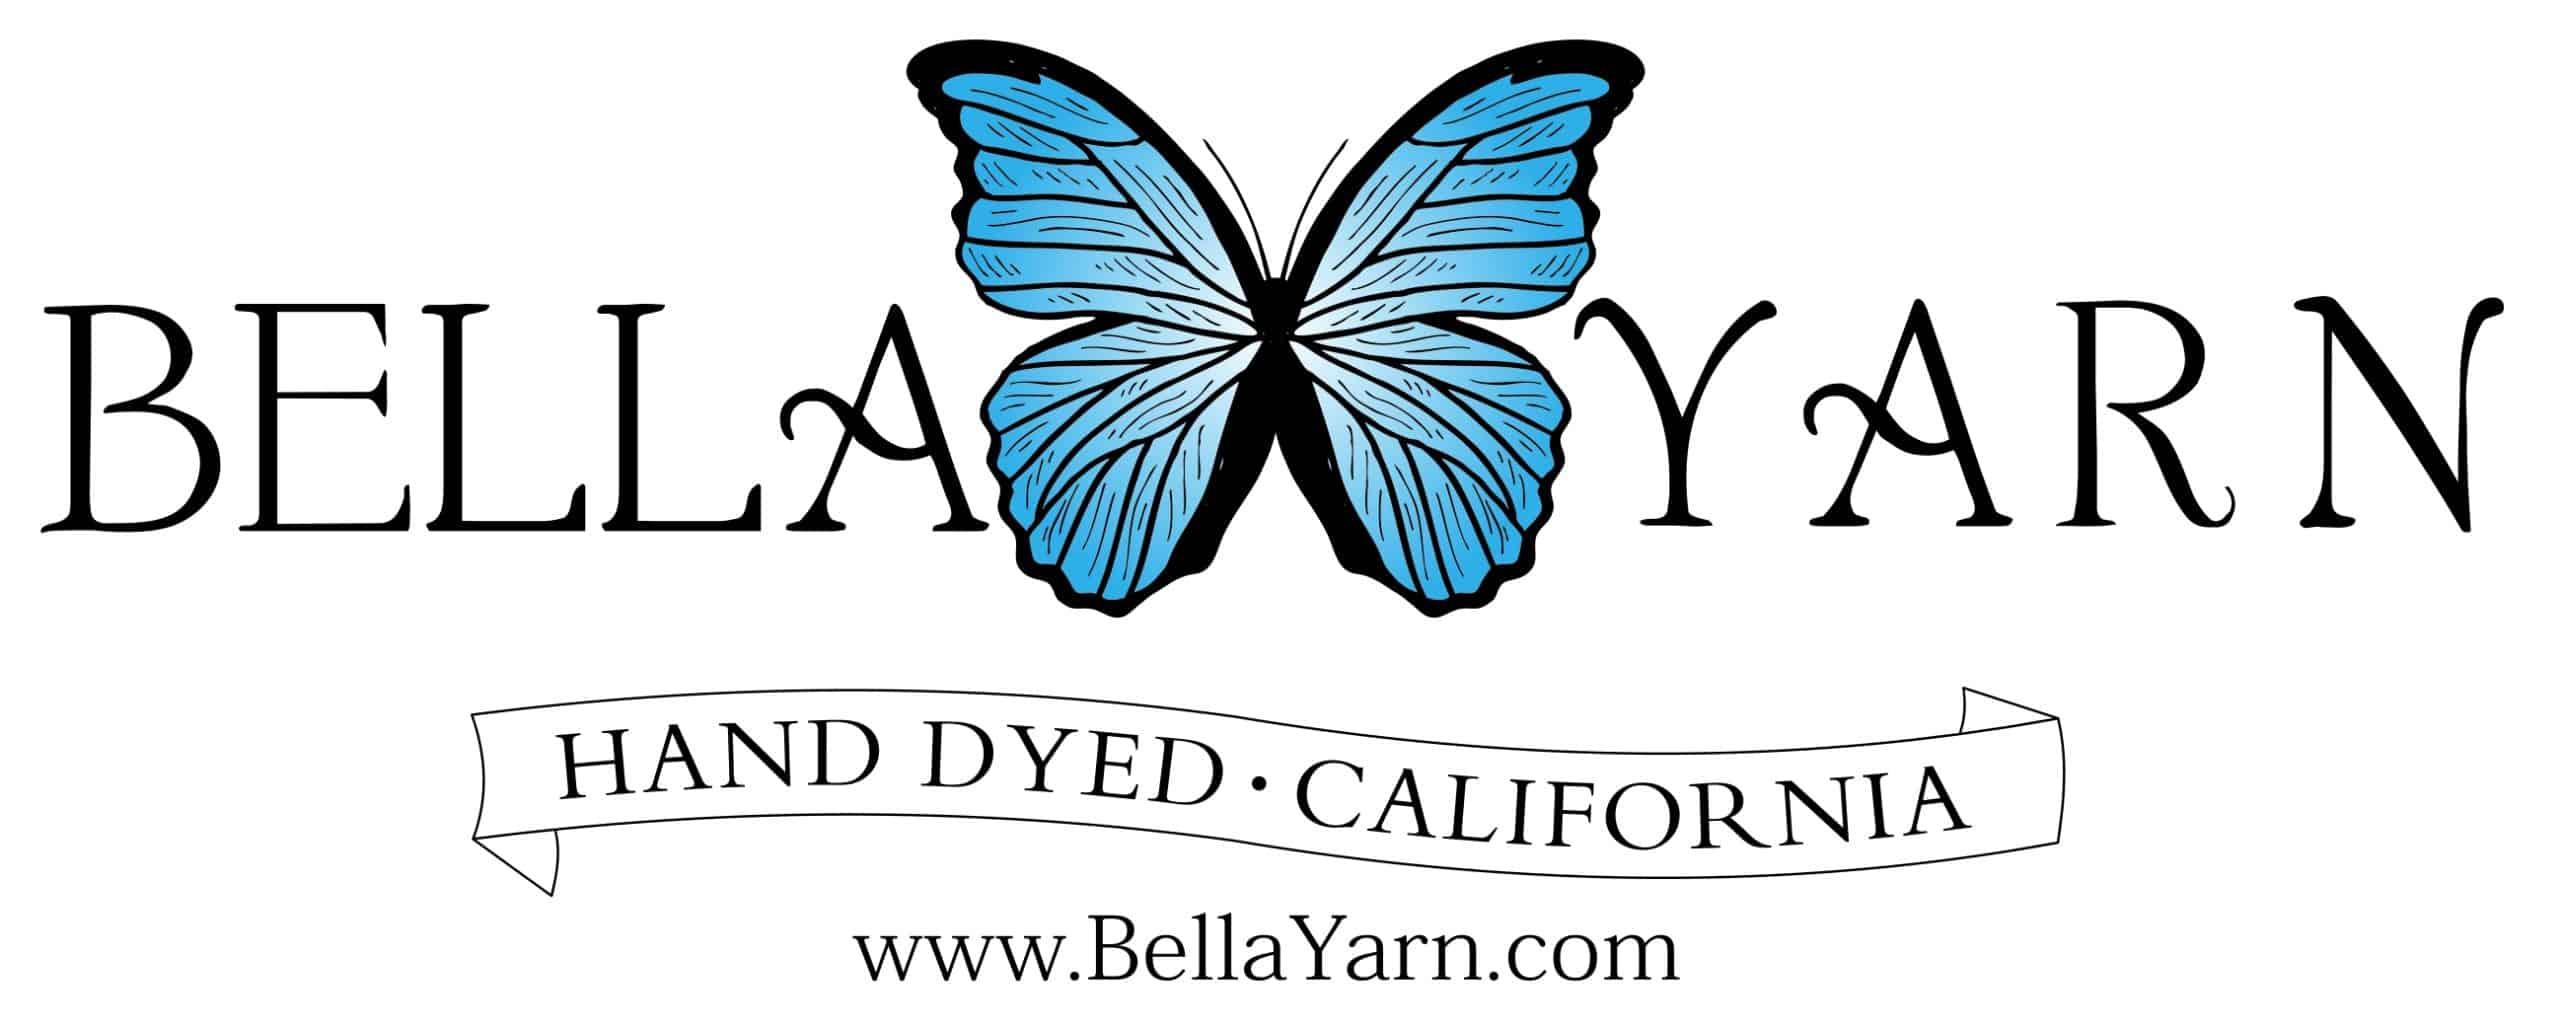 Bella Yarn Logo; Bella Yarn Hand Dyed California www.BellaYarn.com